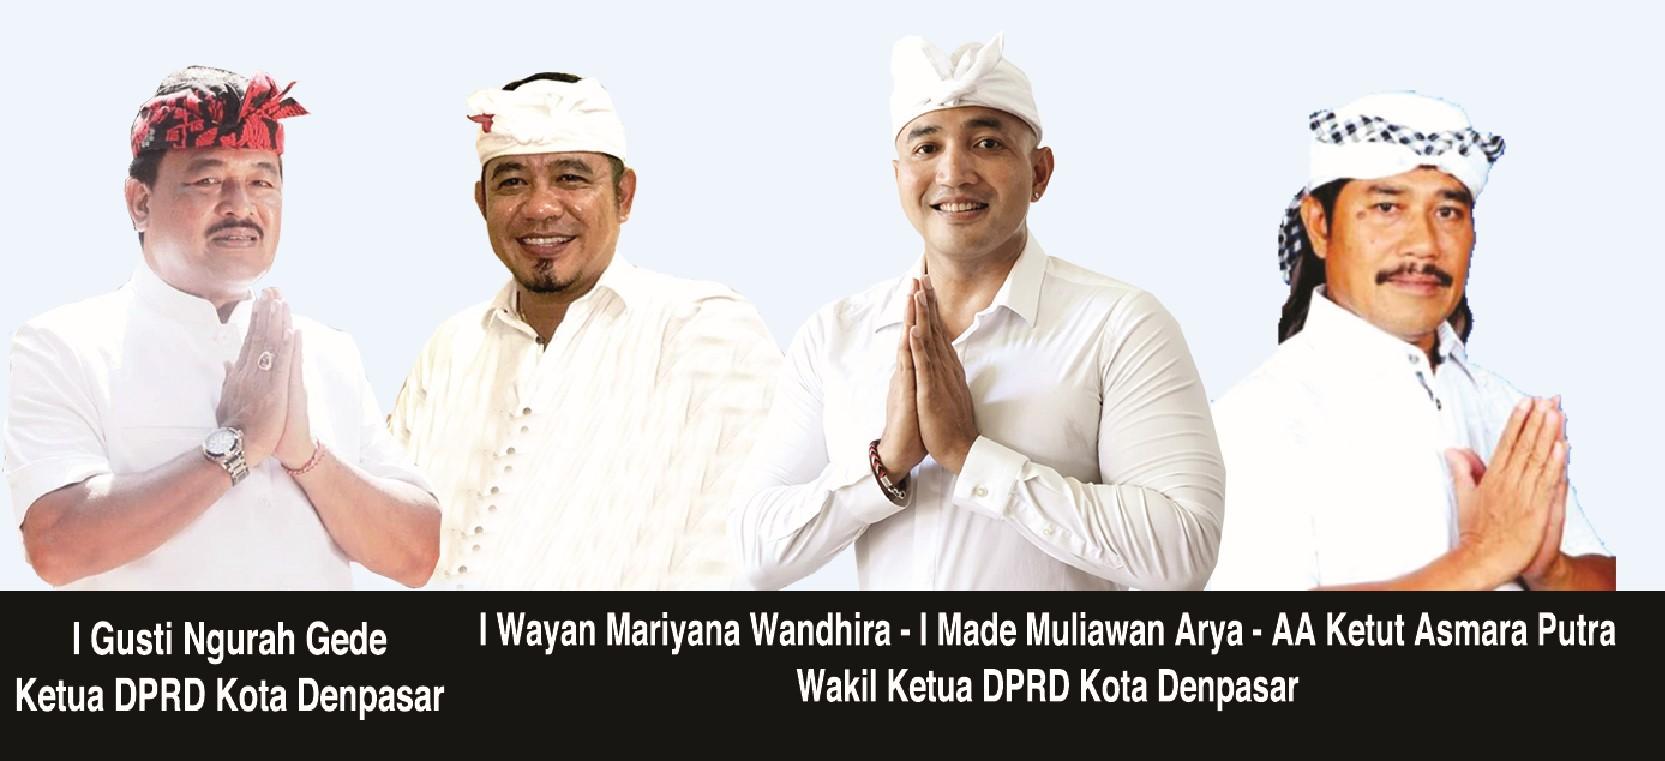 Dari kiri ke kanan :Ketua DPRD Kota Denpasar I Gusti Ngurah Gede, Wakil Ketua I Wayan Mariyana Mandhira, Wakil Ketua I Made Mulyawan Arya dan Wakil Ketua AA Ketut Asmara Putra.